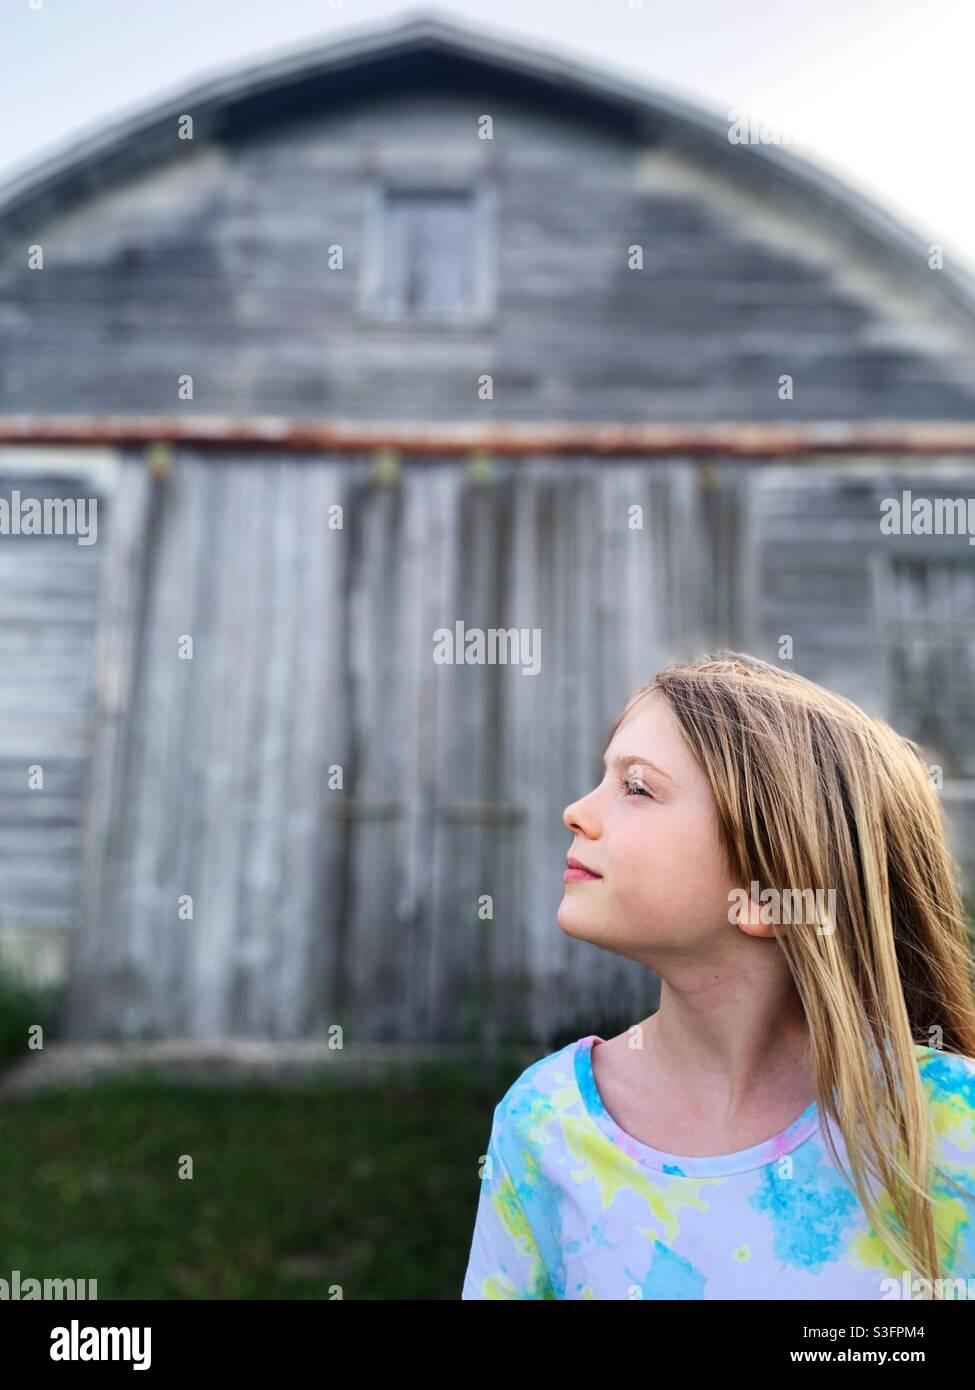 Bambino biondo giovane che guarda a distanza in piedi davanti ad un vecchio fienile Foto Stock